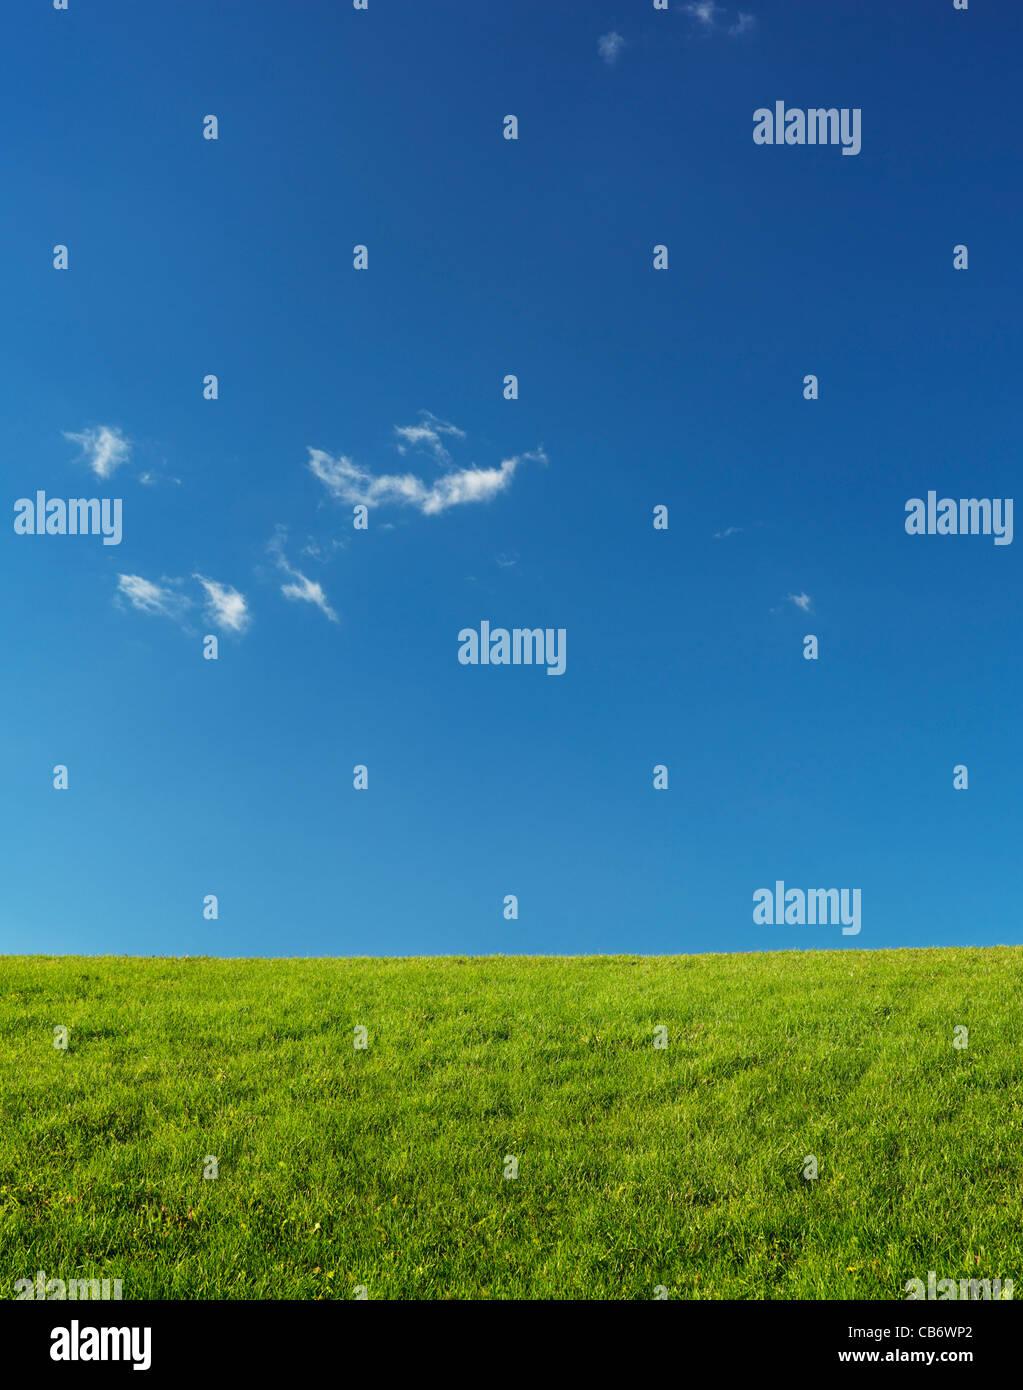 Paysage de prairies vert bleu sous un ciel clair éclairée par la lumière du soleil. Toile fond Nature. Photo Stock